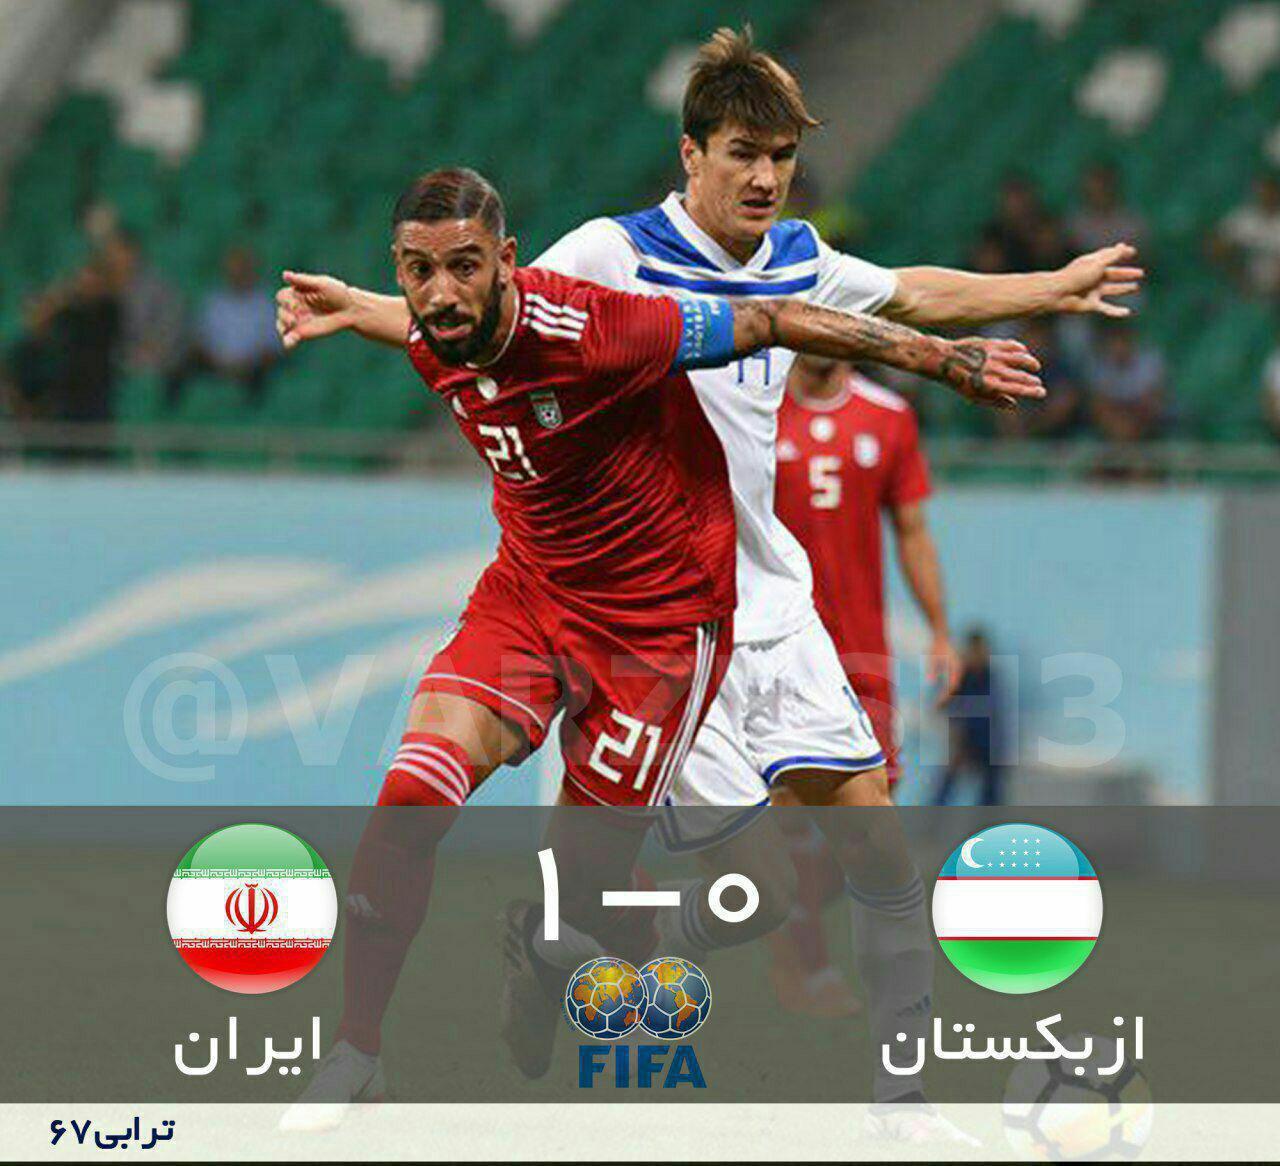 اولین پیروزی تیم ملی پس از جام جهانی